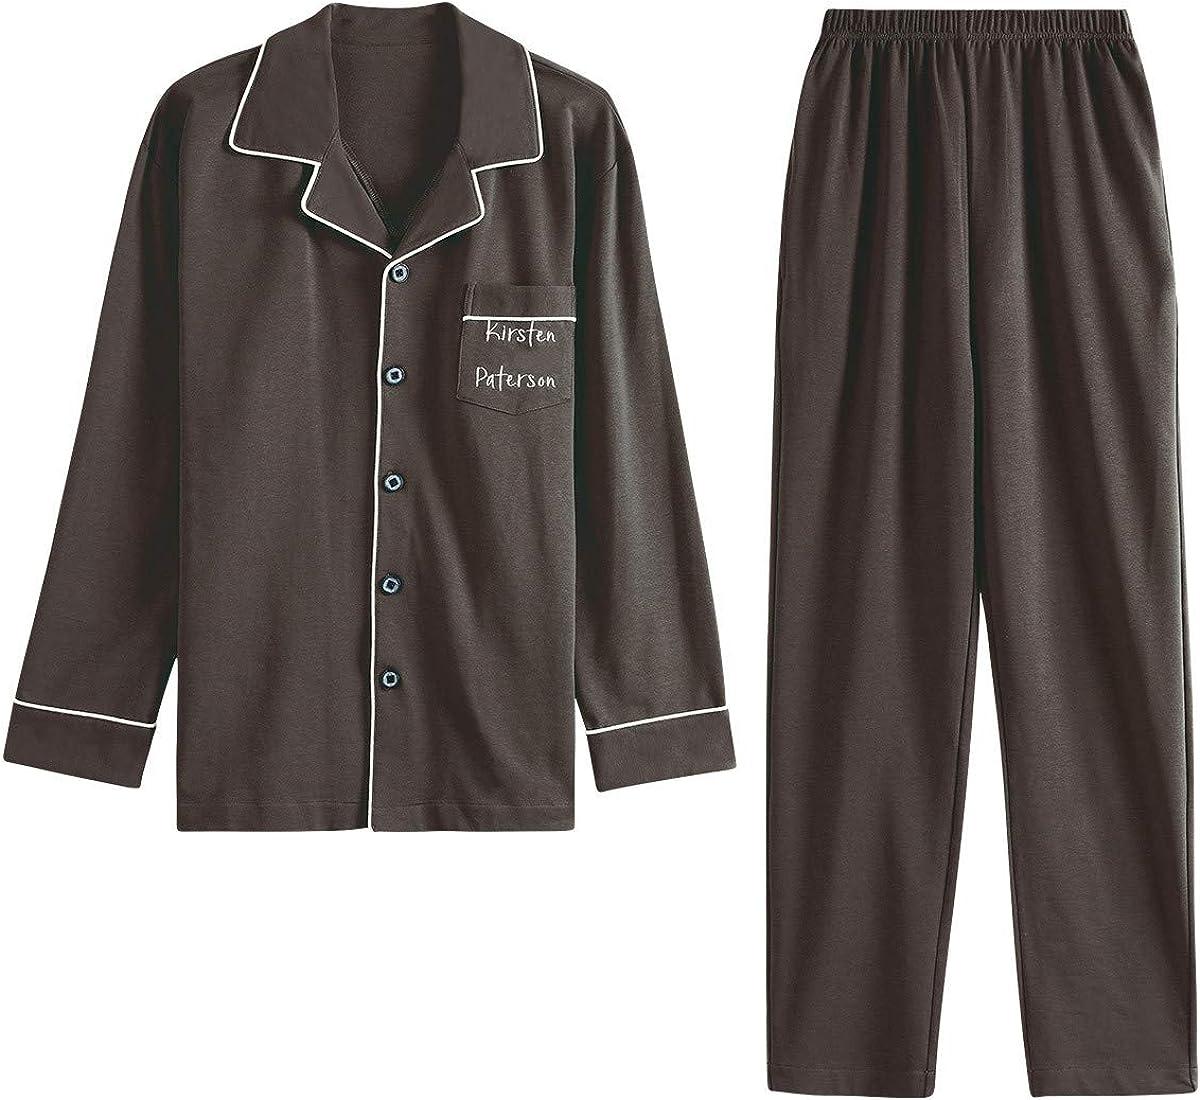 GOSO Jungen Schlafanzug Pyjama Set Schlafanzug Jungen 9 10 11 12 13 14 15 Jahre Button Schlafanzug warm Winter f/ür Teenager Jungen Langarm Big Boy Nachtw/äsche